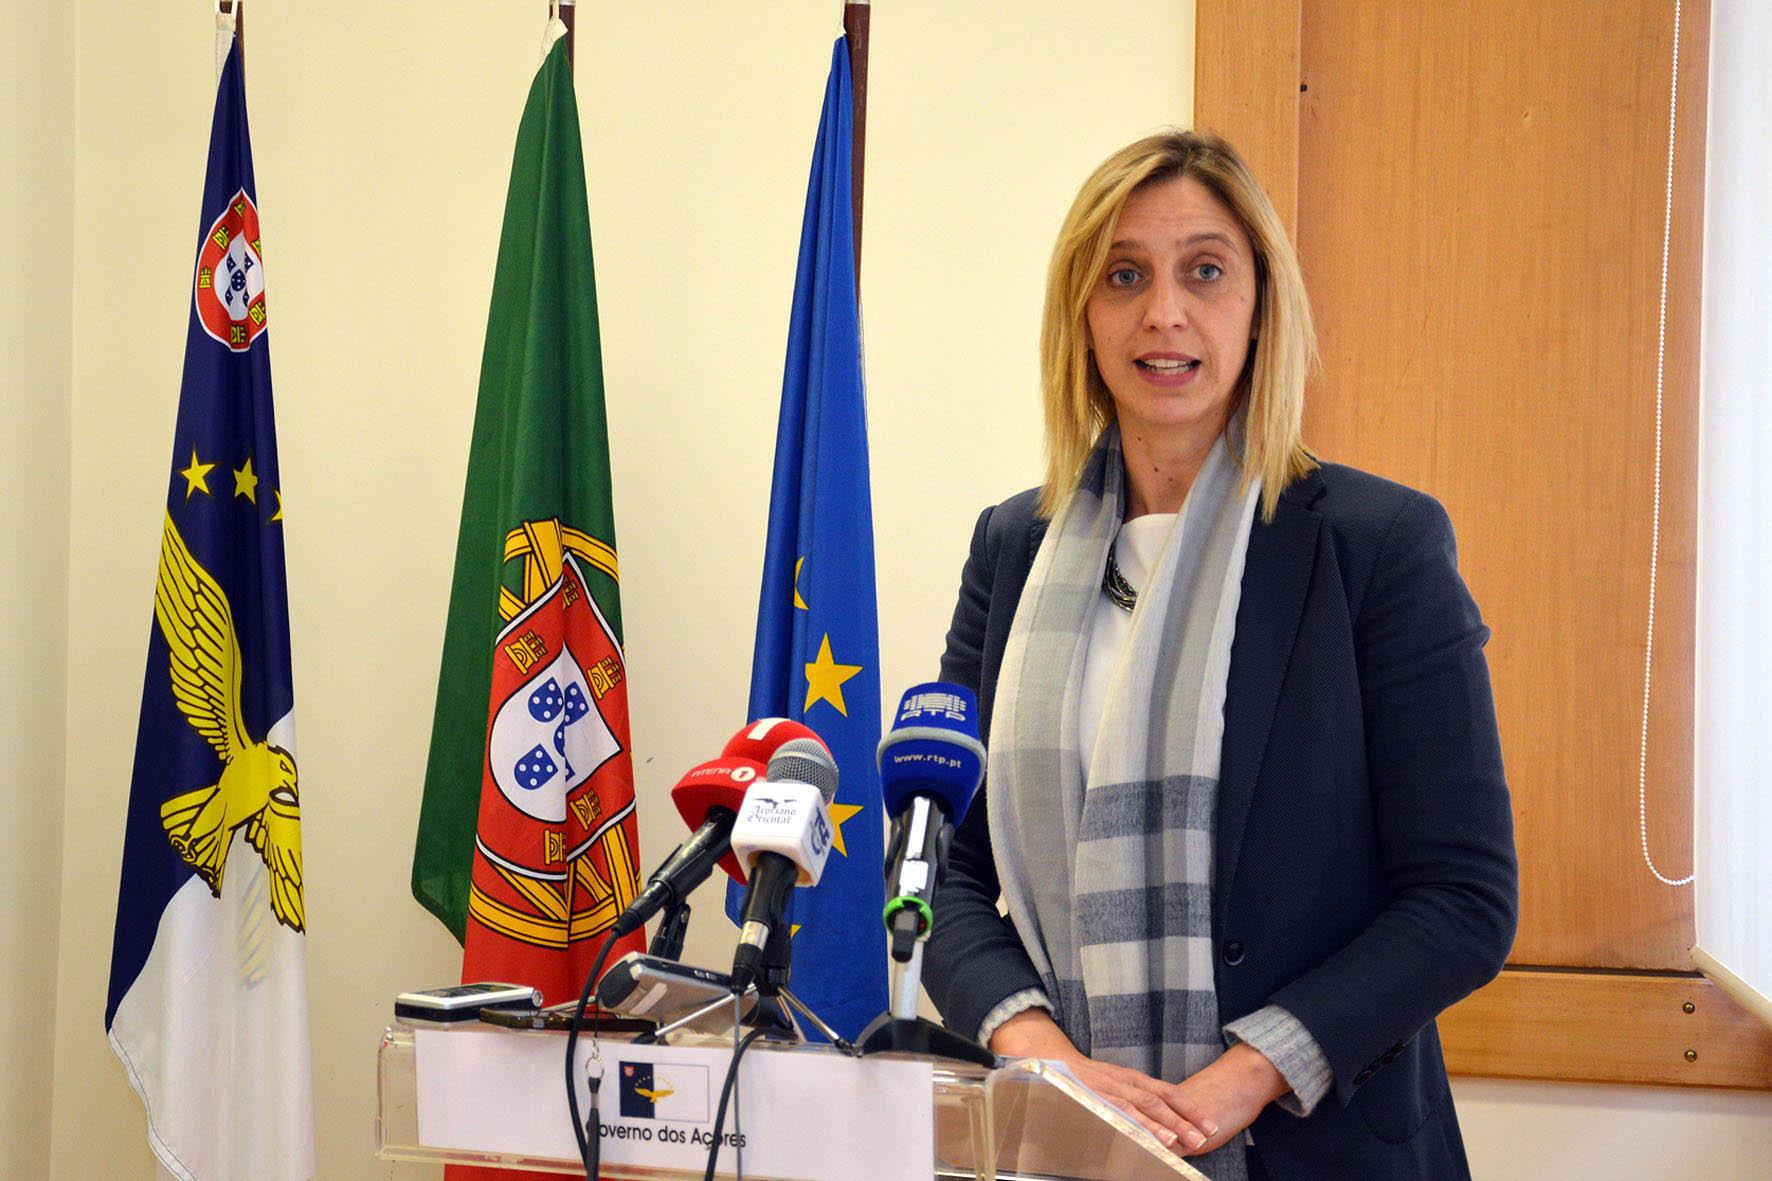 O desenvolvimento do turismo dos Açores também passa por sinergias entre o Governo Regional e a República, defende Marta Guerreiro